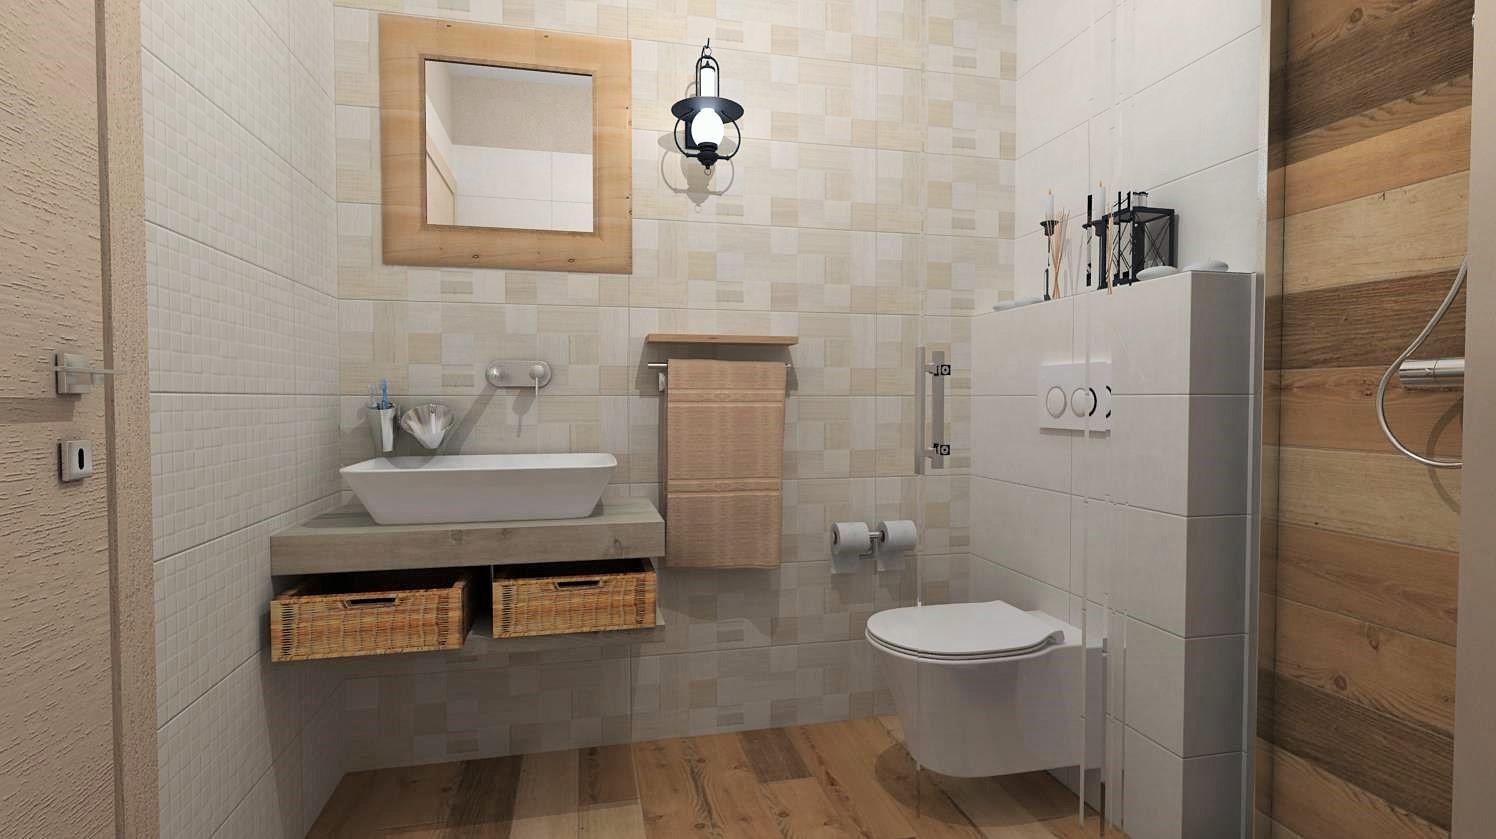 Vizualizácie kúpeľne - Obrázok č. 7